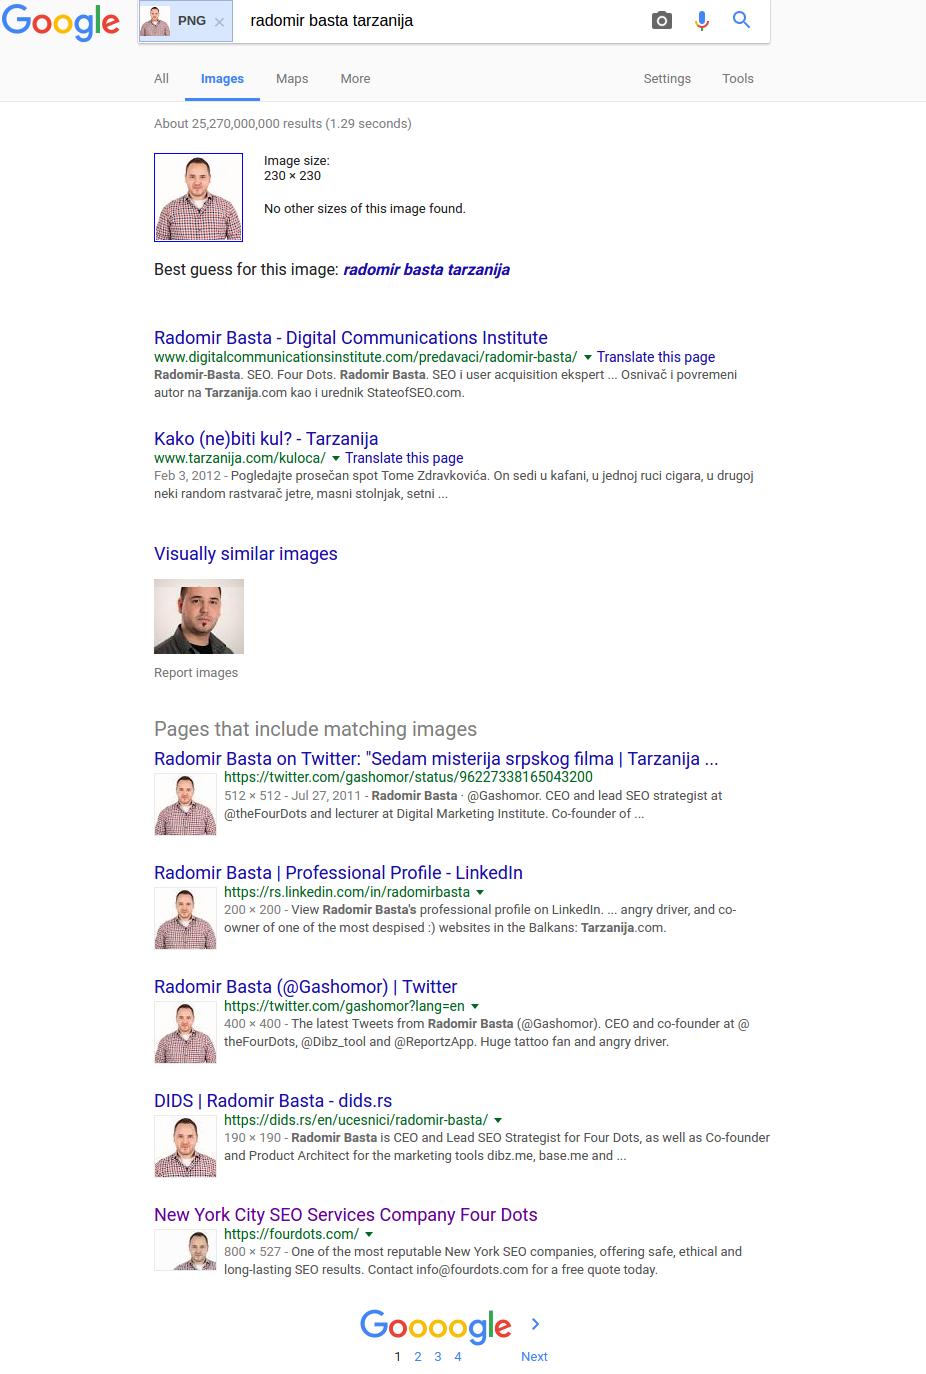 Ví dụ 3 về tìm kiếm hình ảnh đảo ngược của Google